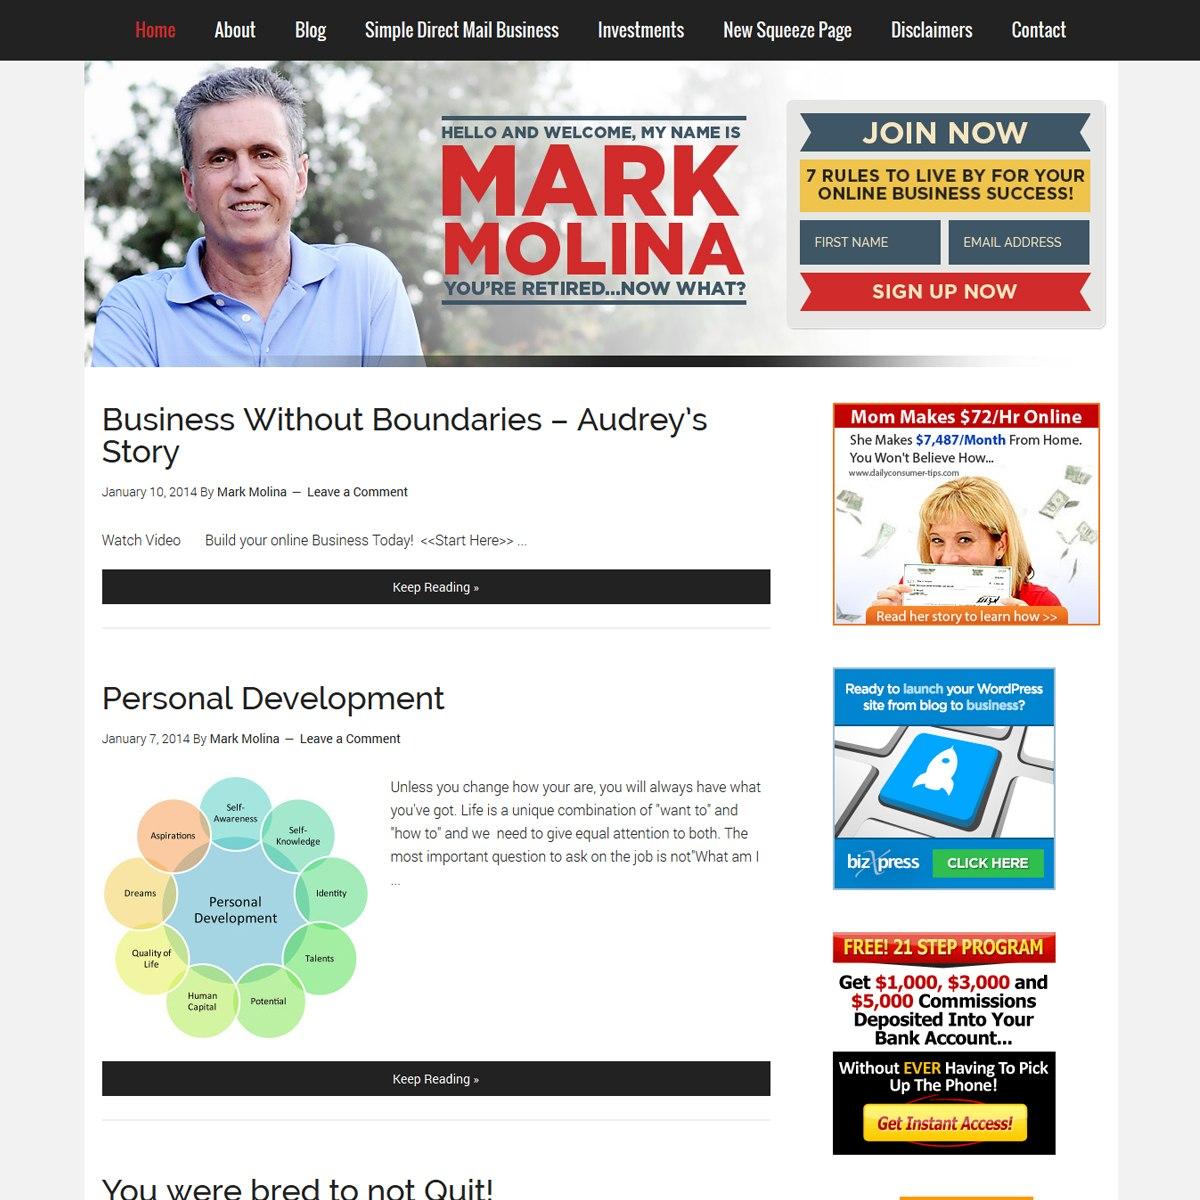 MarkMolina.com